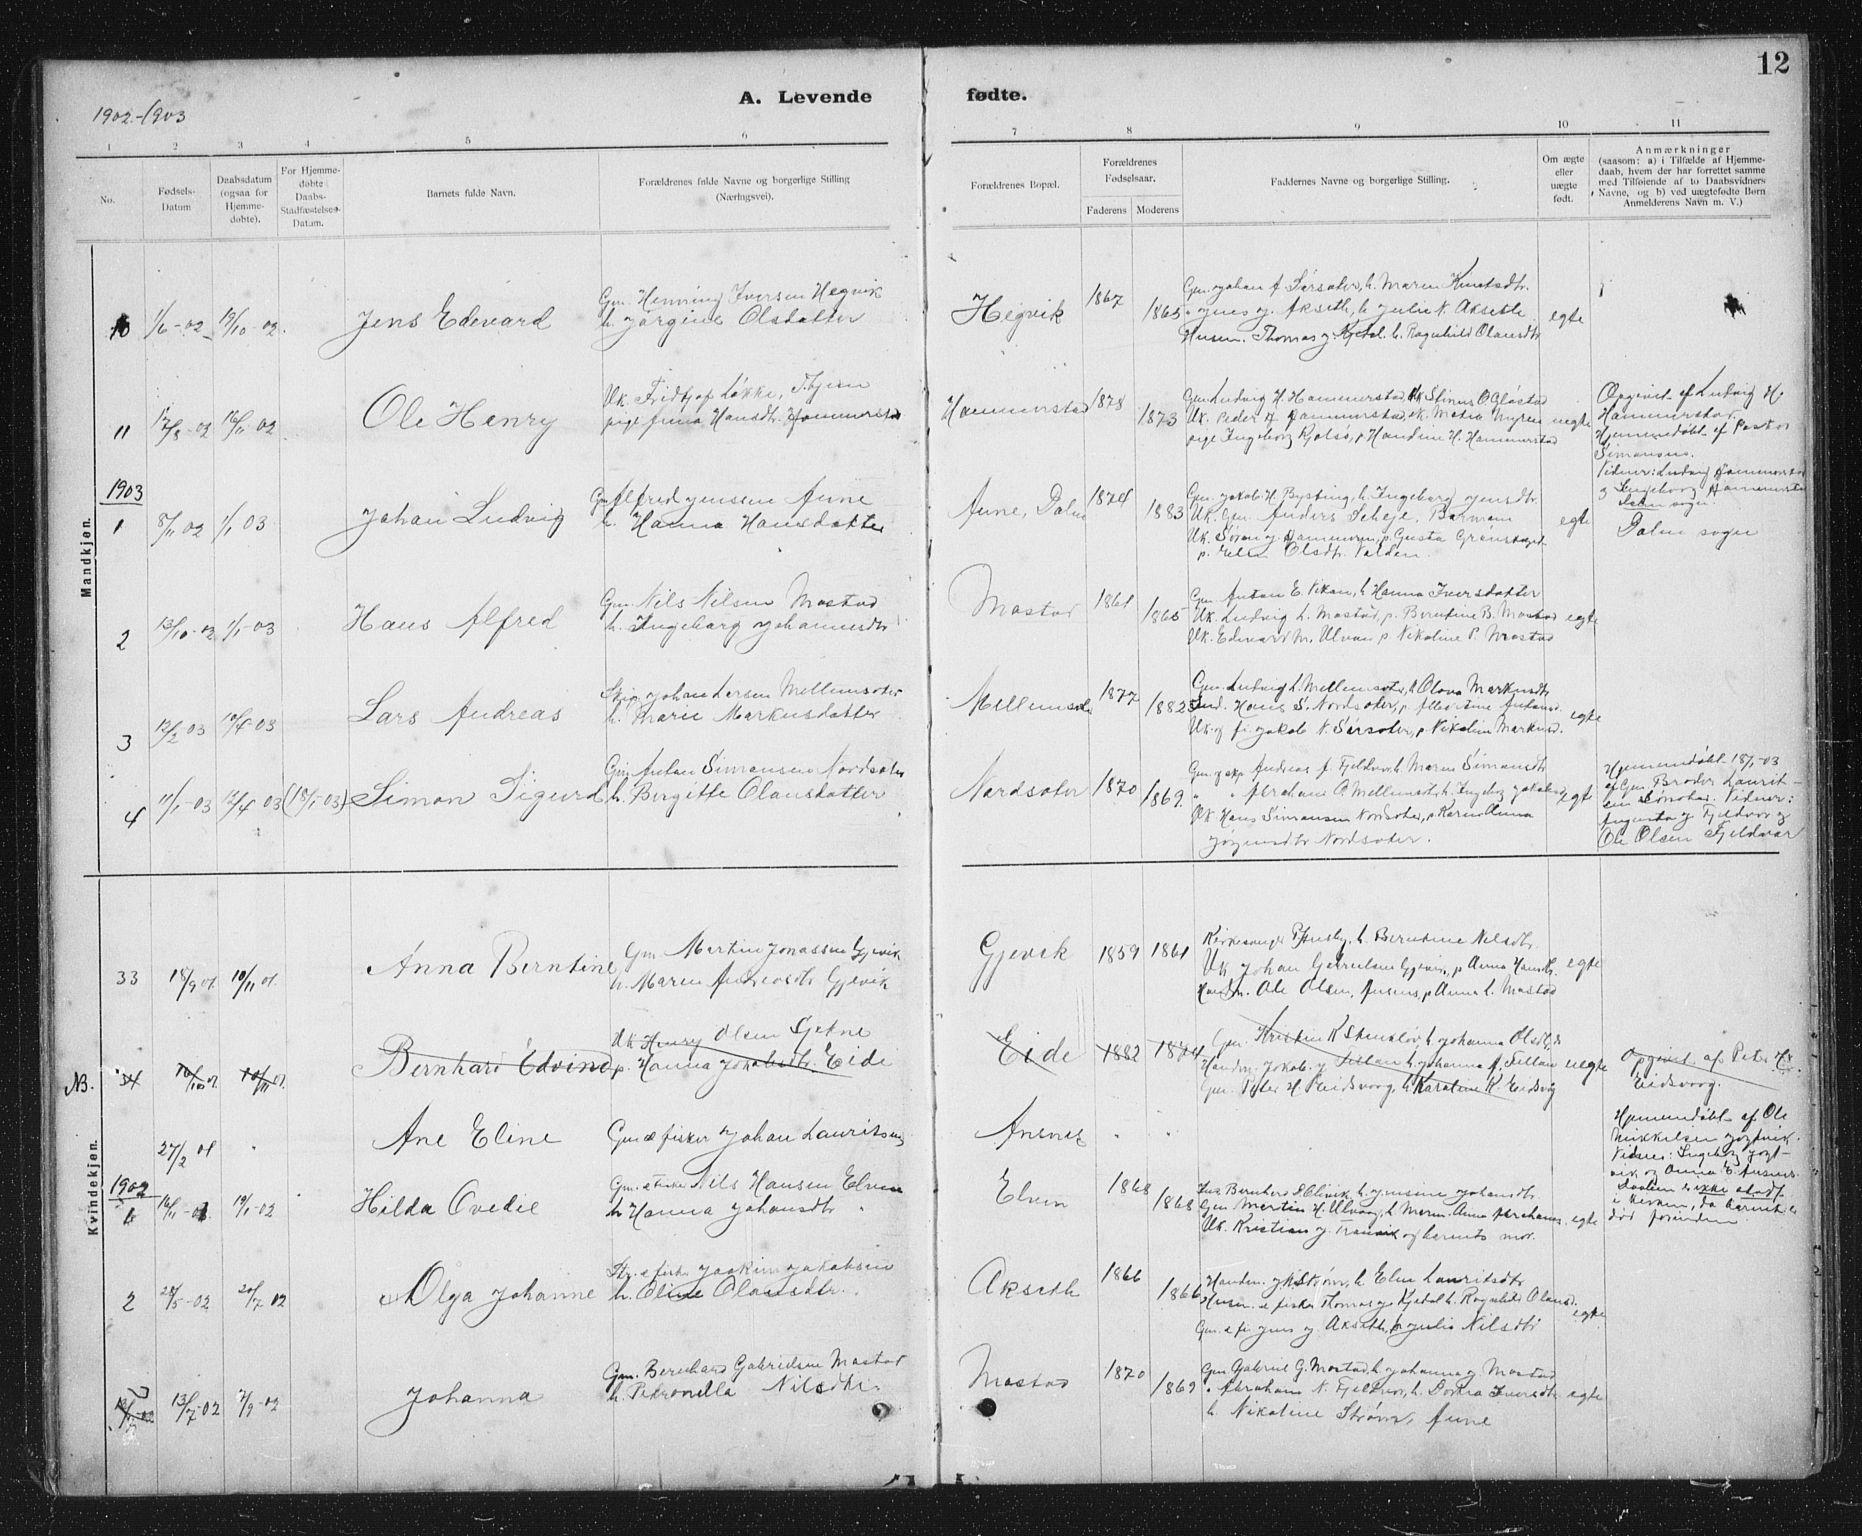 SAT, Ministerialprotokoller, klokkerbøker og fødselsregistre - Sør-Trøndelag, 637/L0563: Klokkerbok nr. 637C04, 1899-1940, s. 12